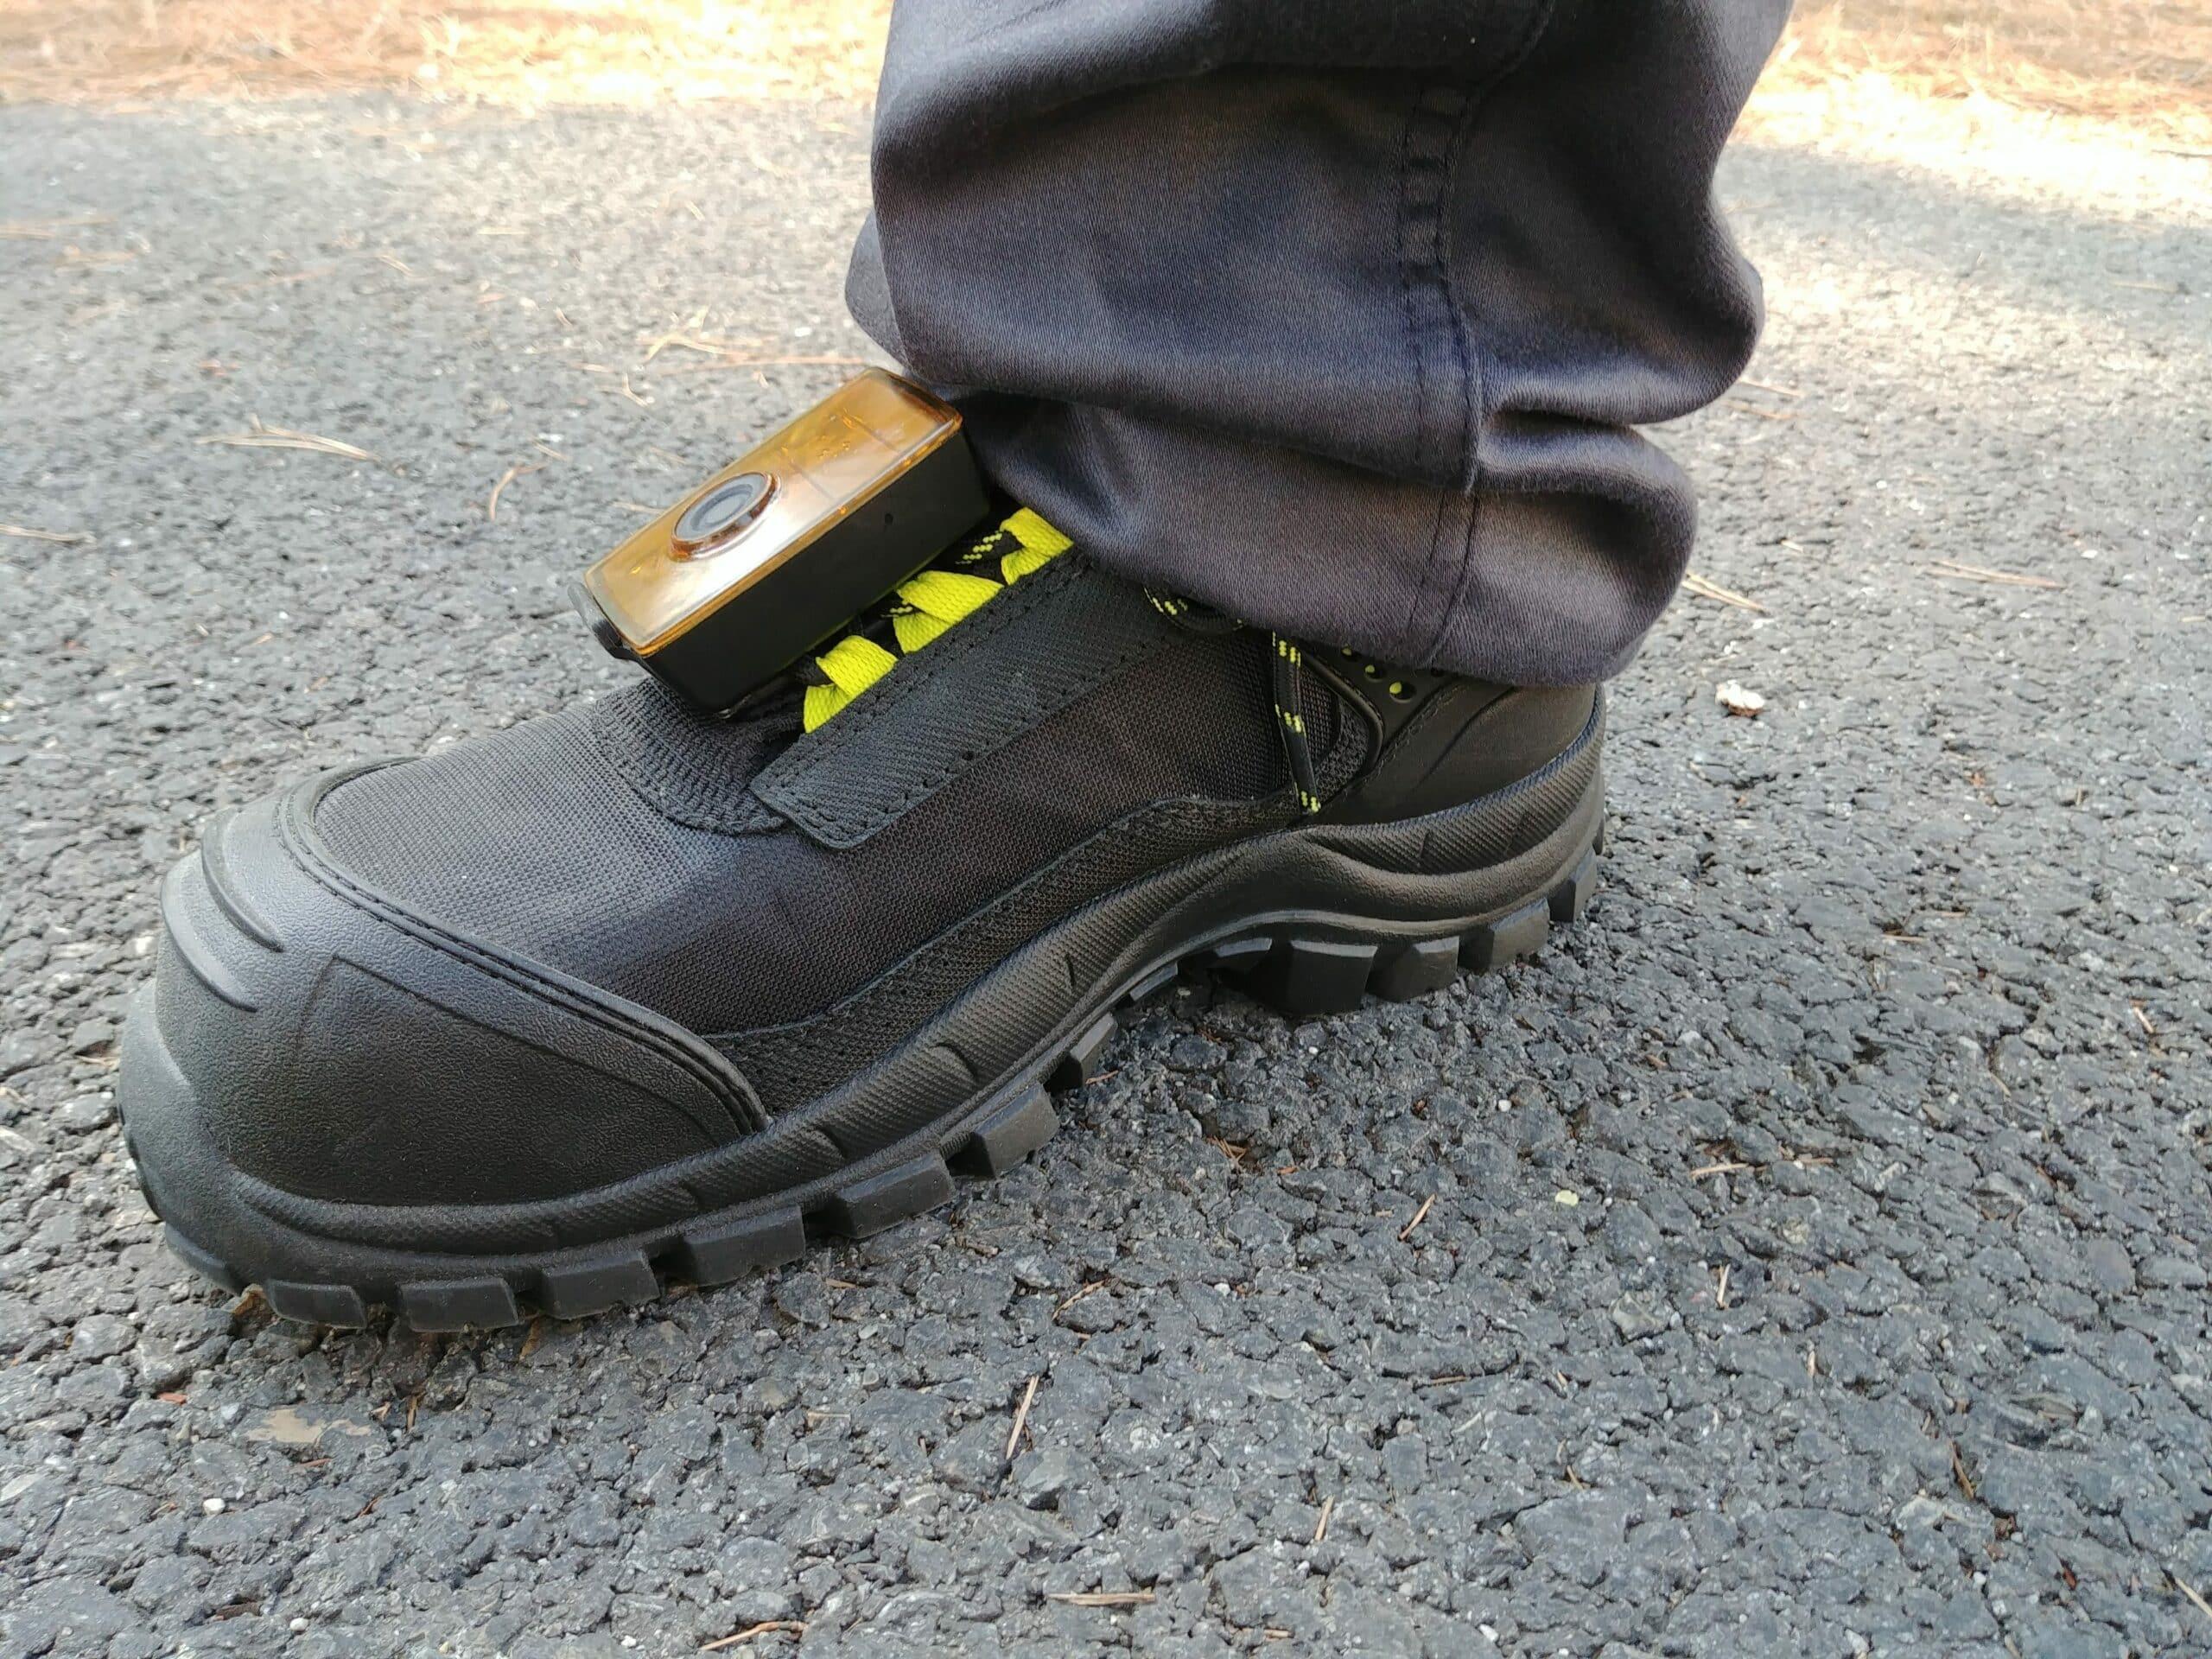 Pilih-Sepatu-Safety-yang-Sesuai-Kebutuhan-scaled